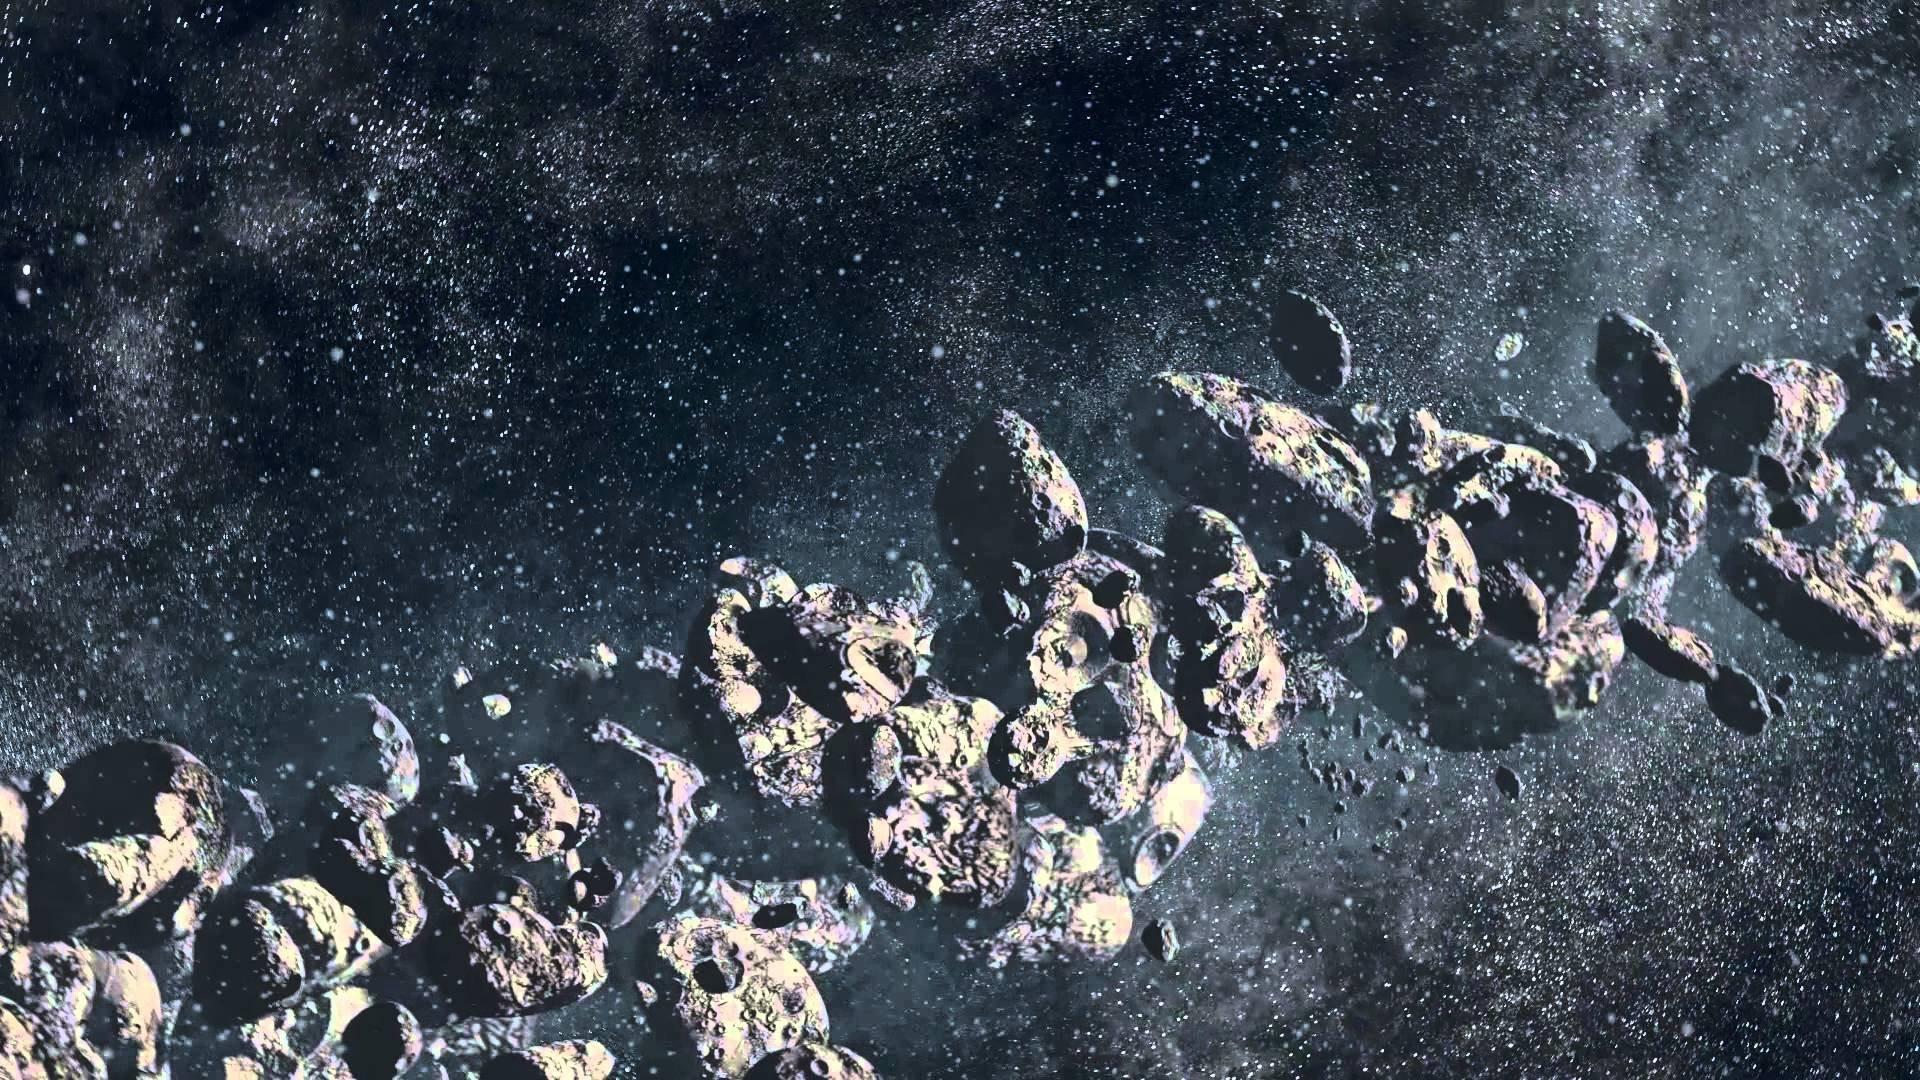 В поясе астероидов возникли объекты, которых там не должно было быть